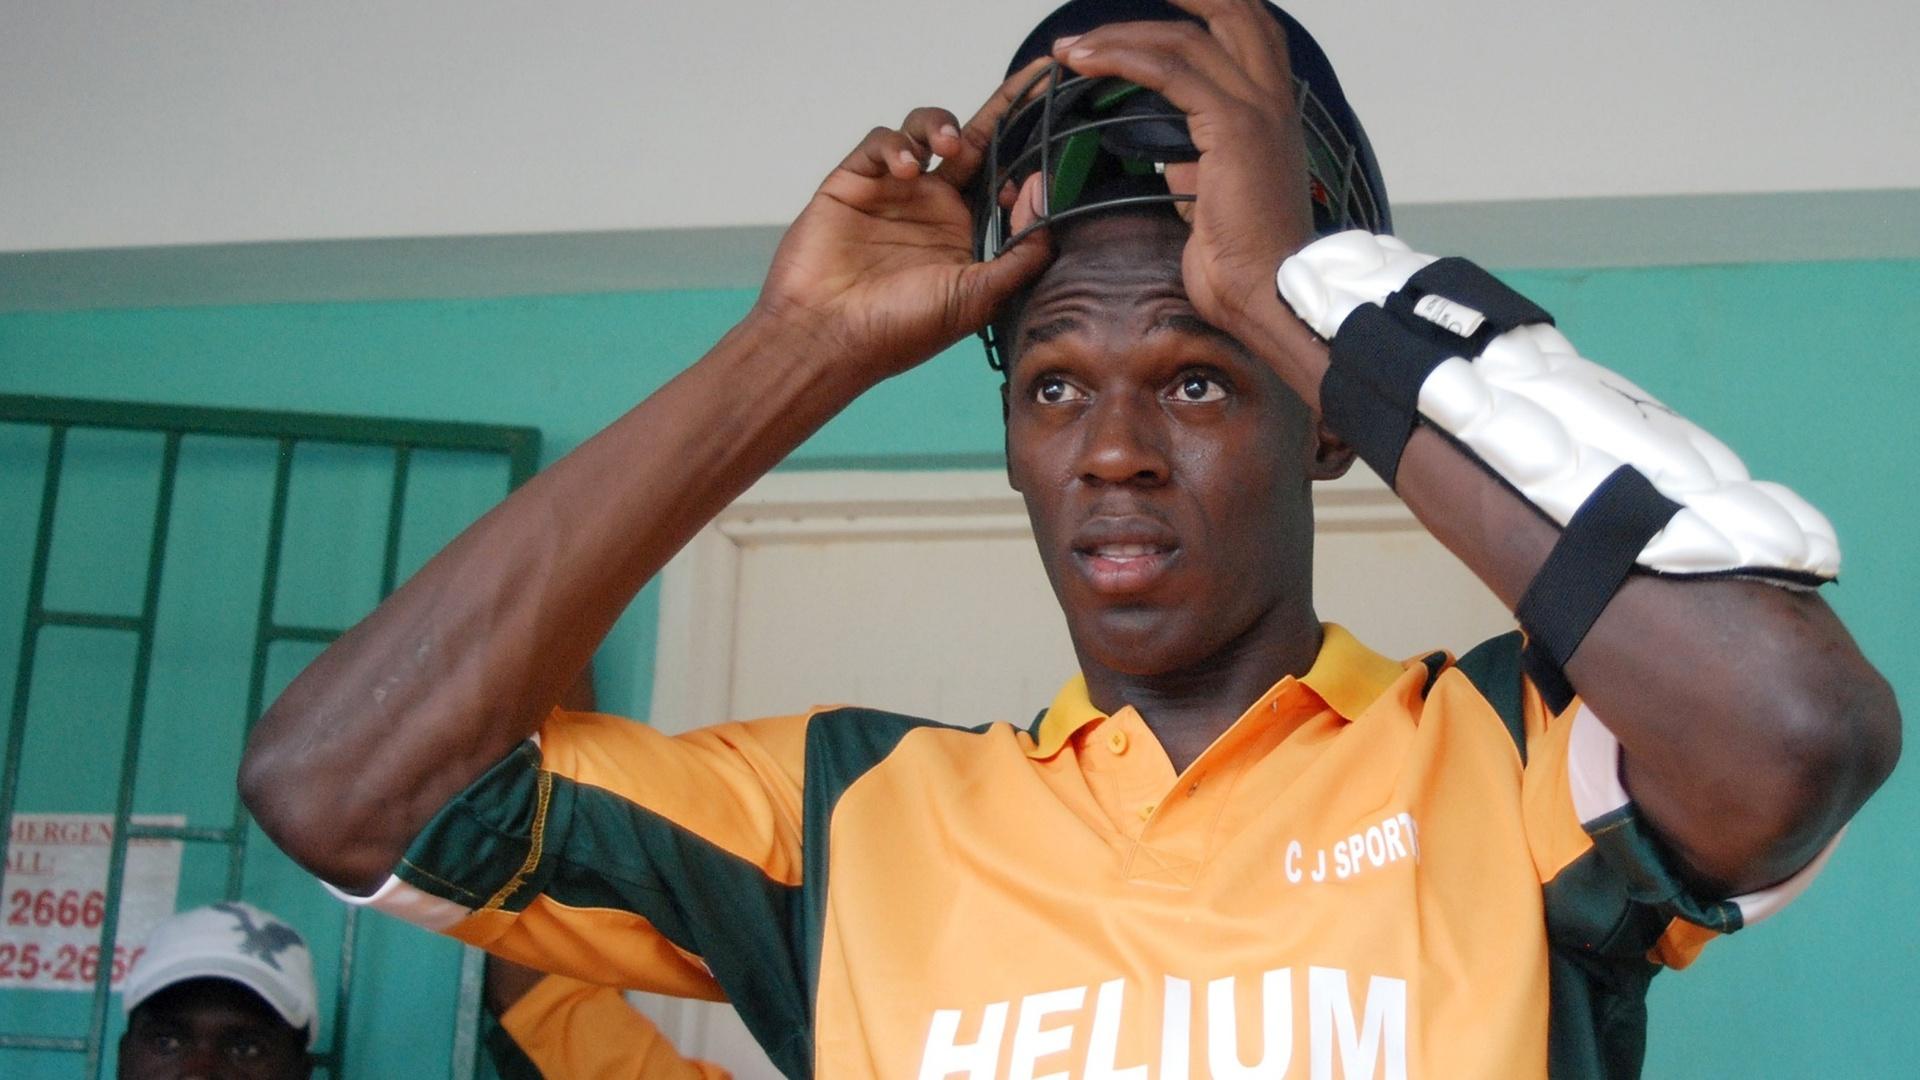 Astro do atletismo Usain Bolt se prepara para uma partida exibição de críquete na Jamaica em 2009 (13/08/2012)